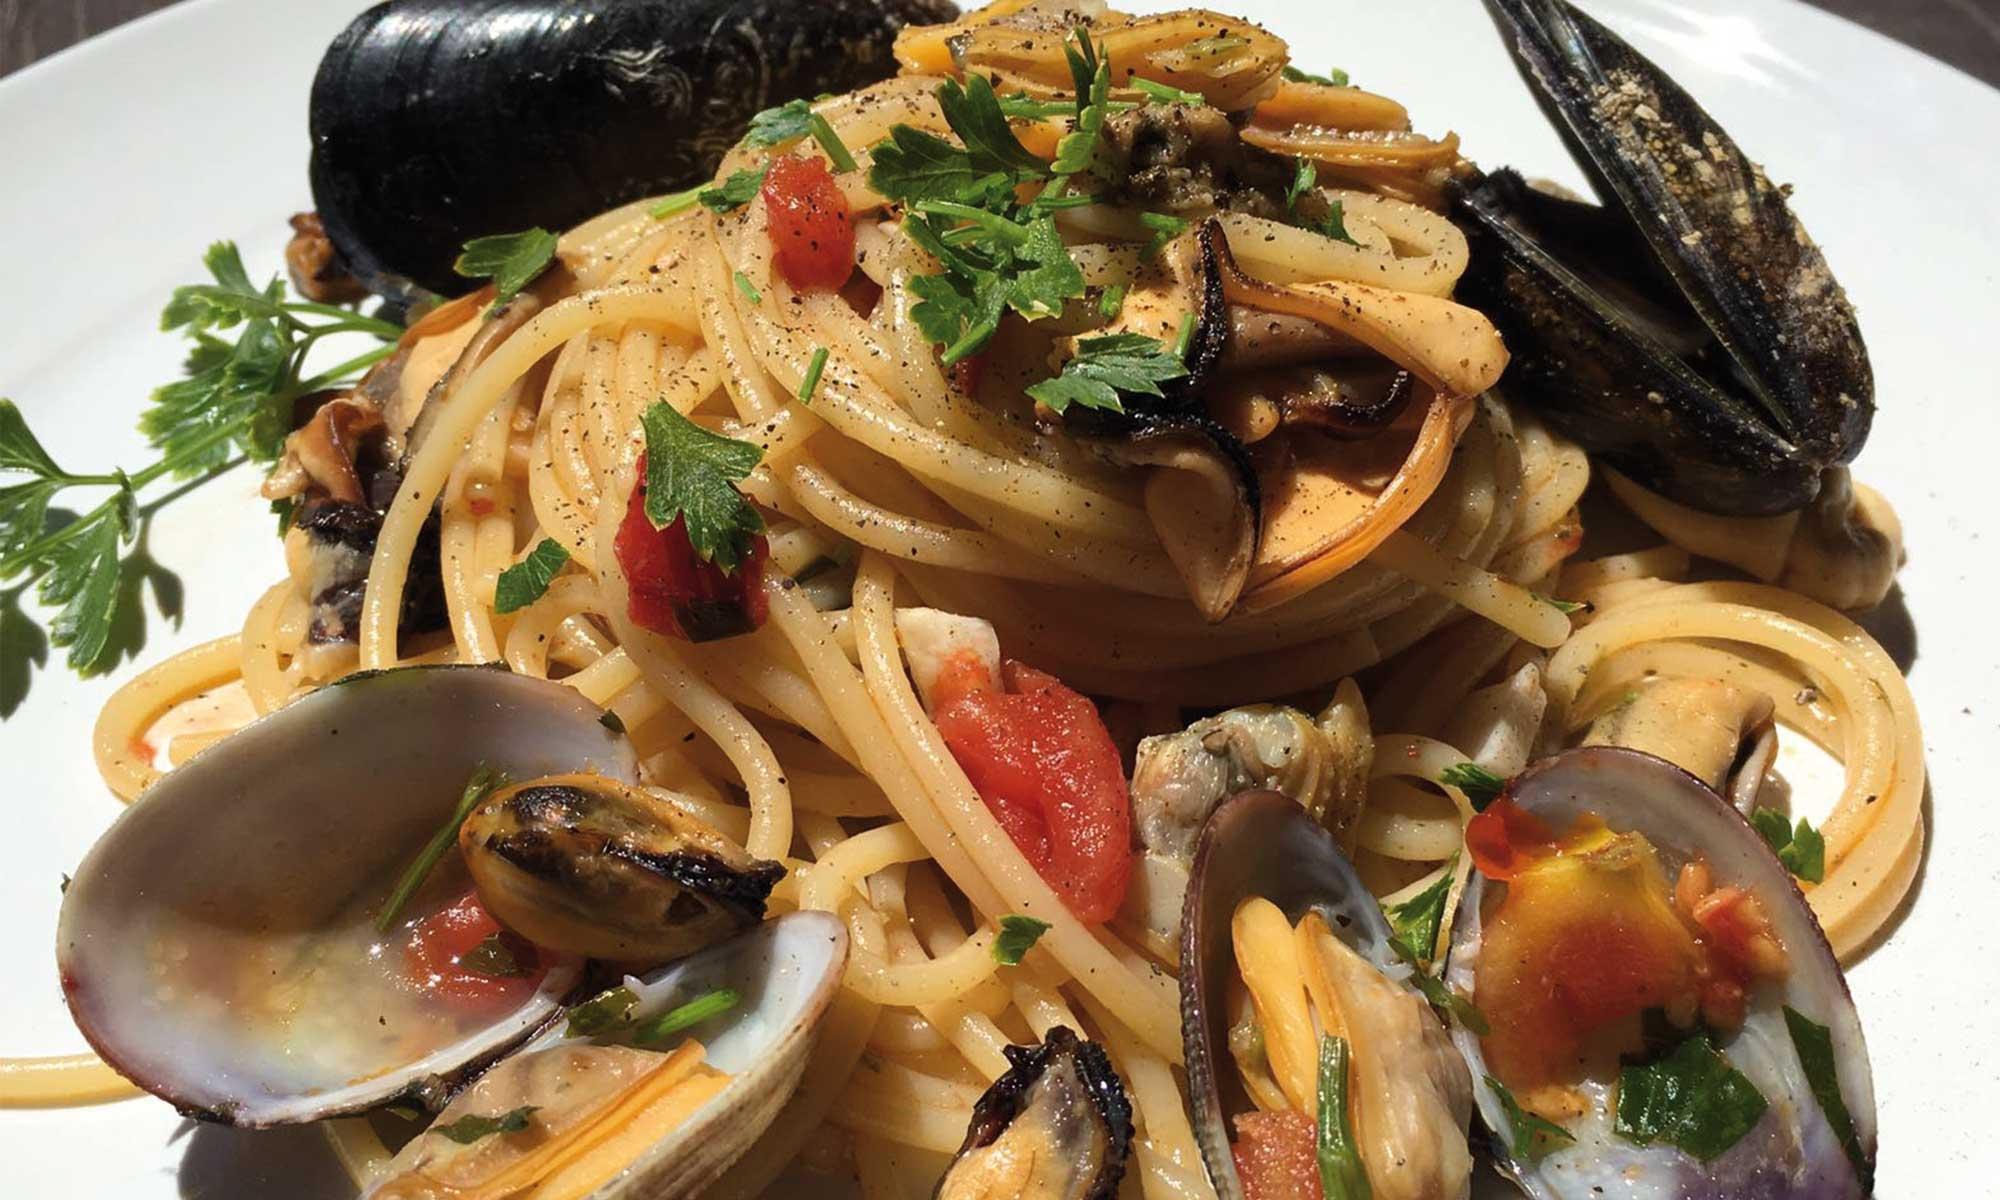 spaghetti con cozze alla messinese.